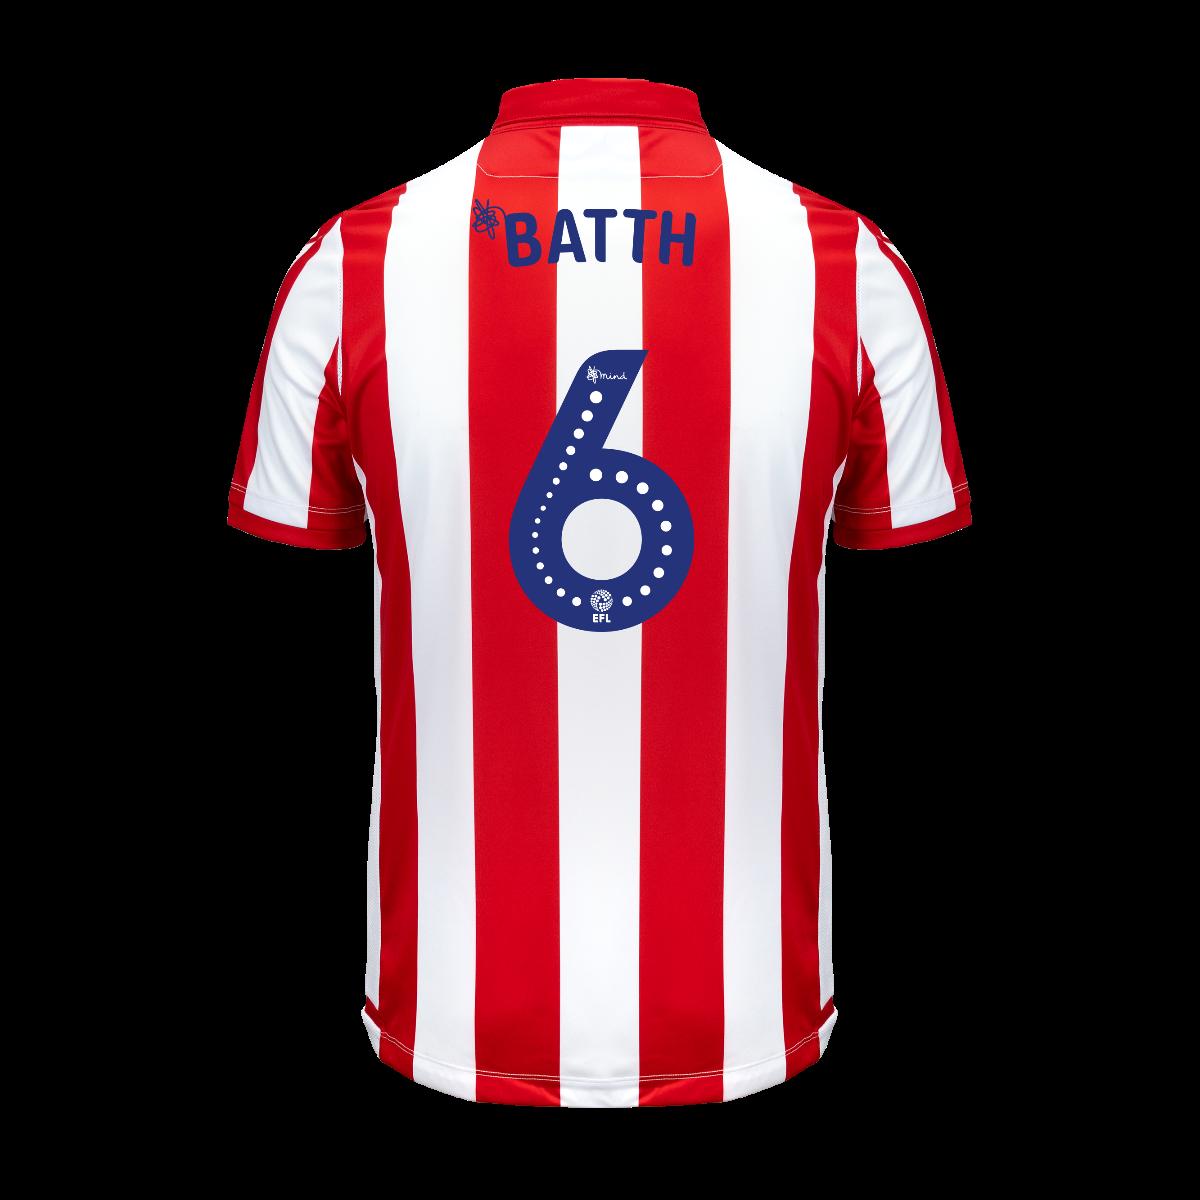 2019/20 Junior Home SS Shirt - Batth